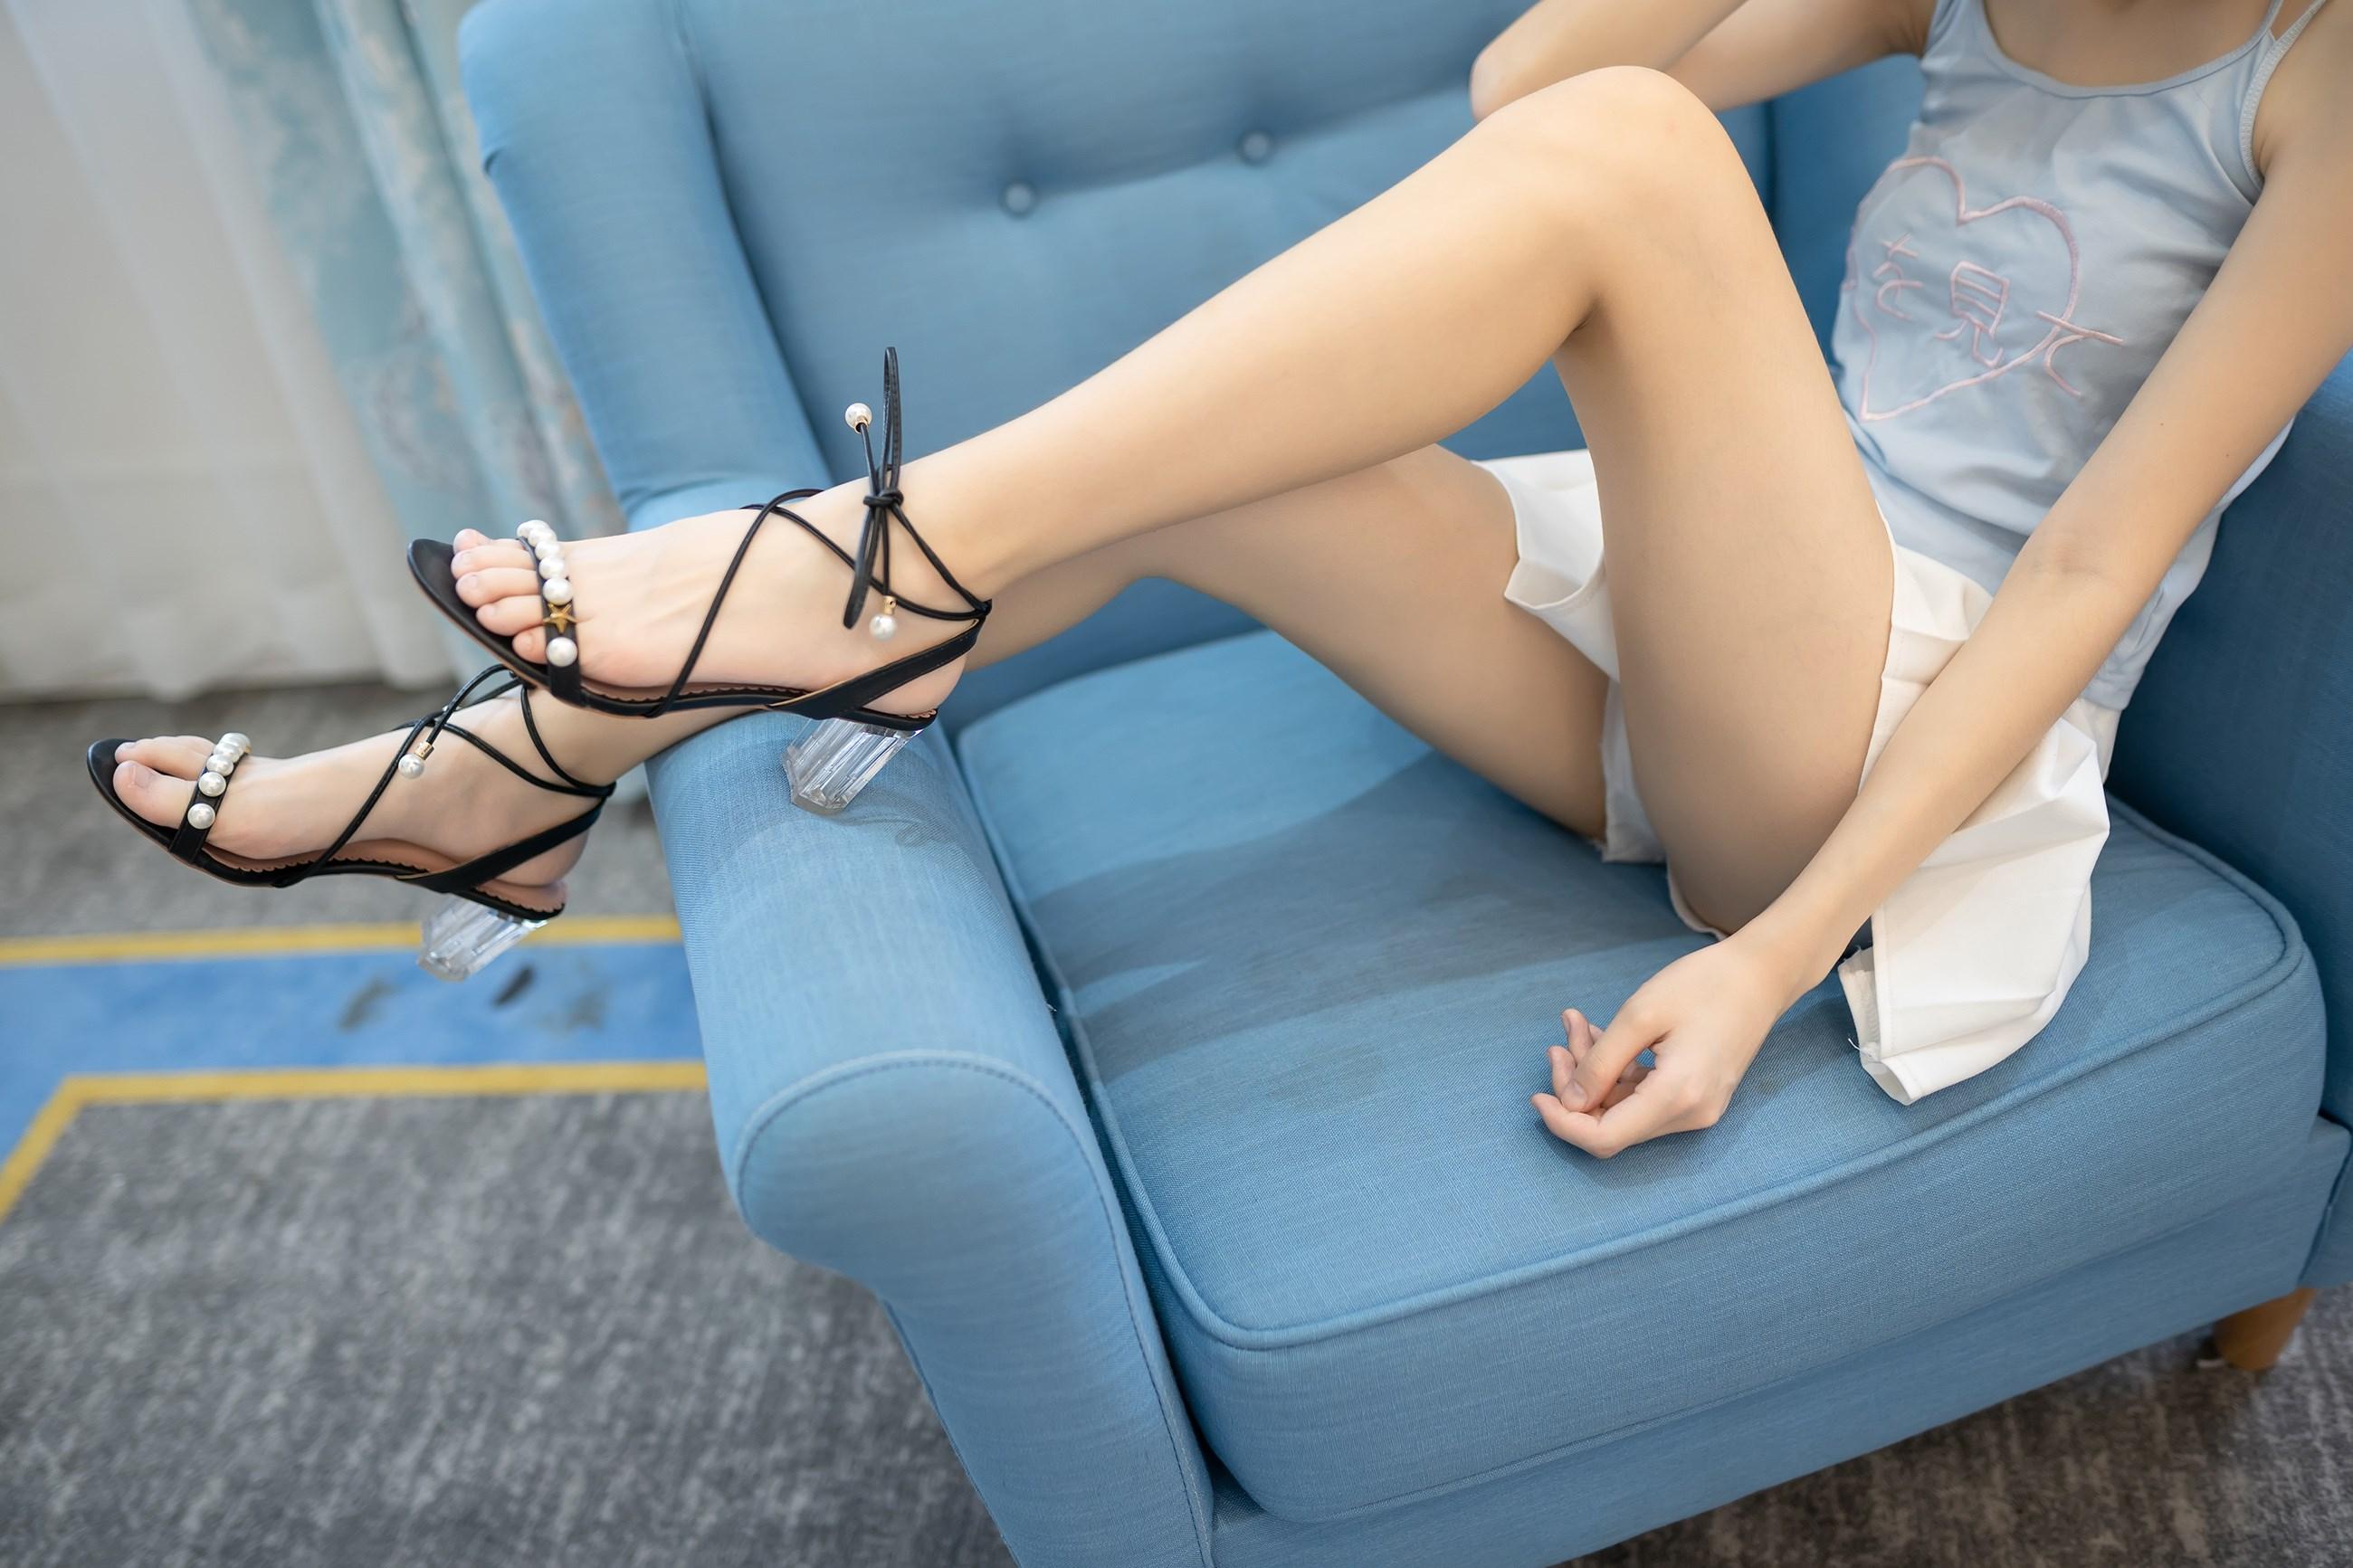 【兔玩映画】白裙果腿少女 兔玩映画 第7张